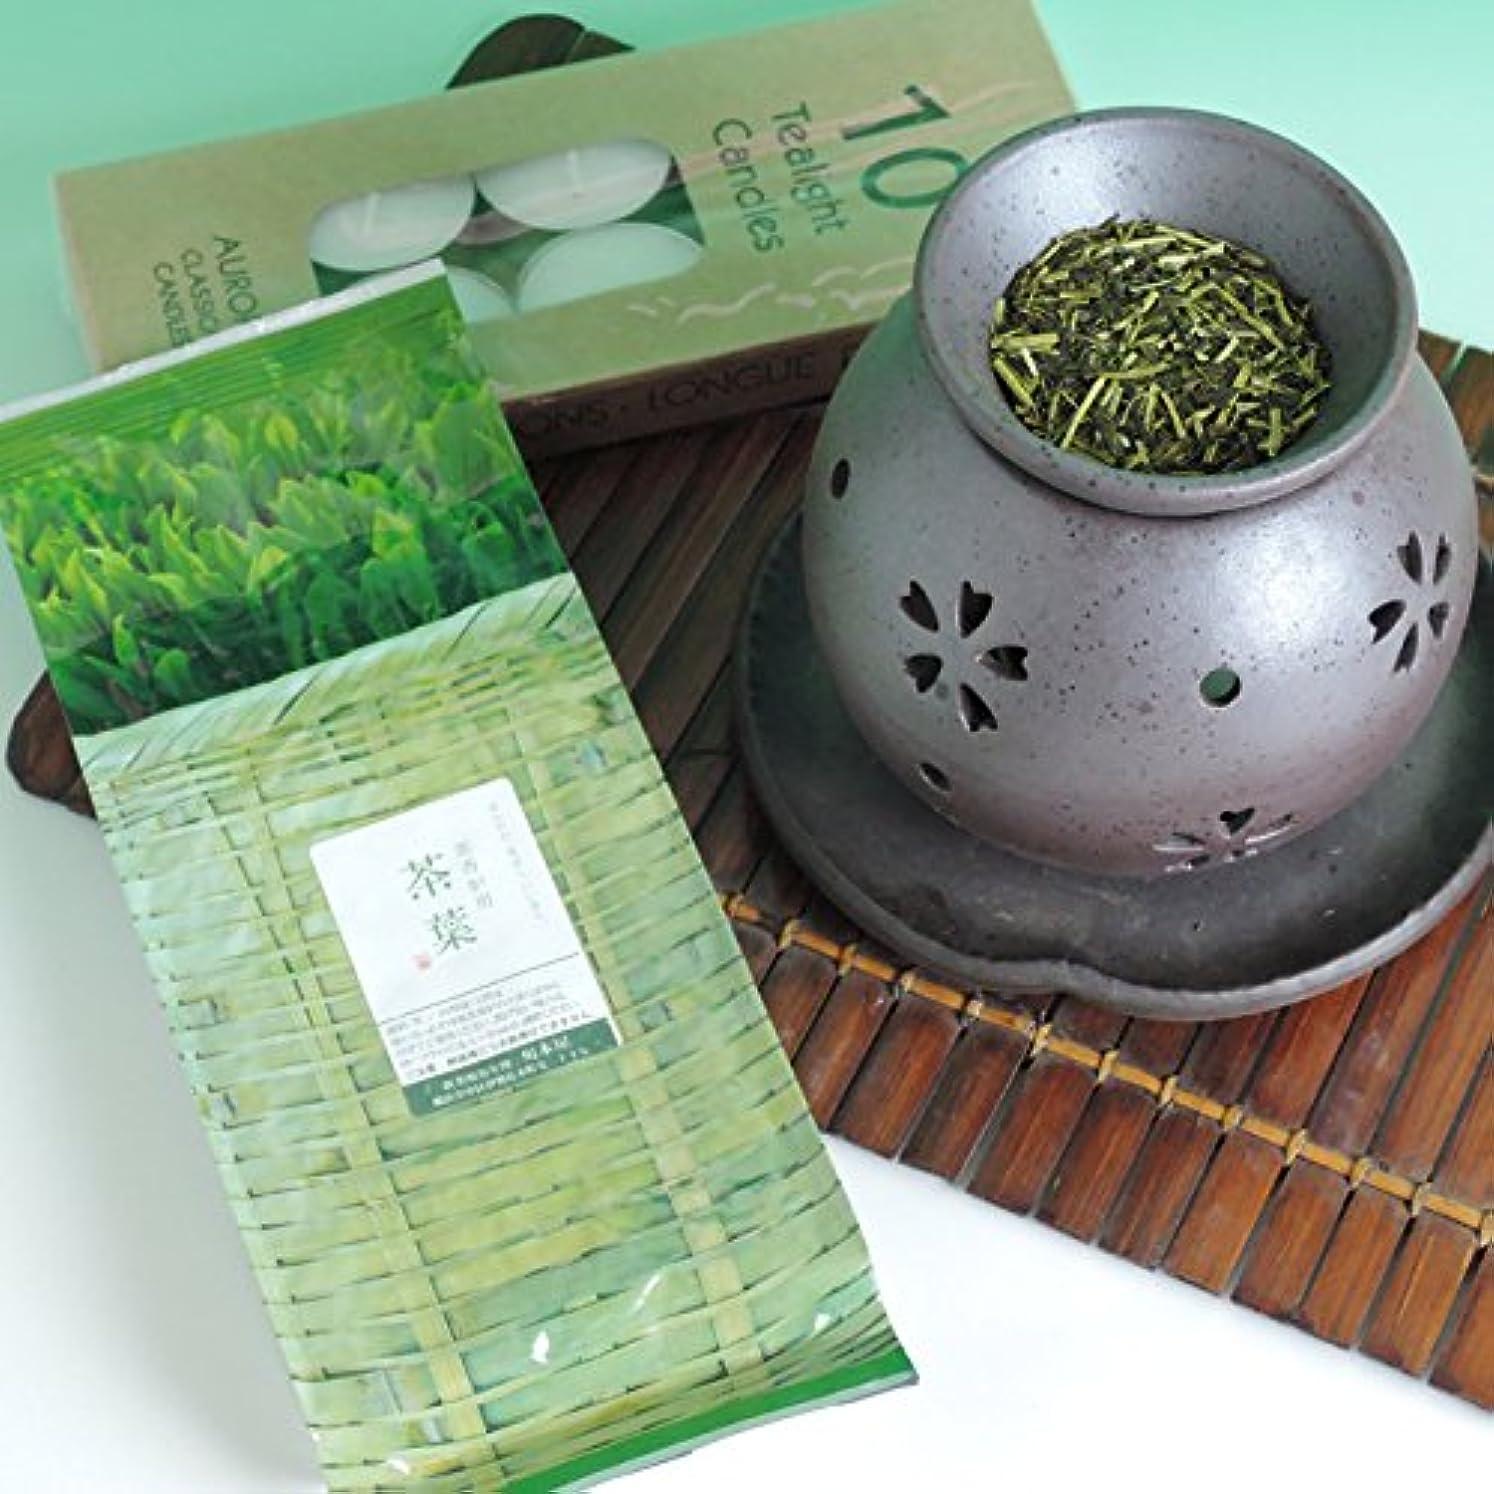 ネックレット話をするスライム茶香炉 盛正作 ローソク 茶香炉専用 茶葉 セット 川本屋茶舗